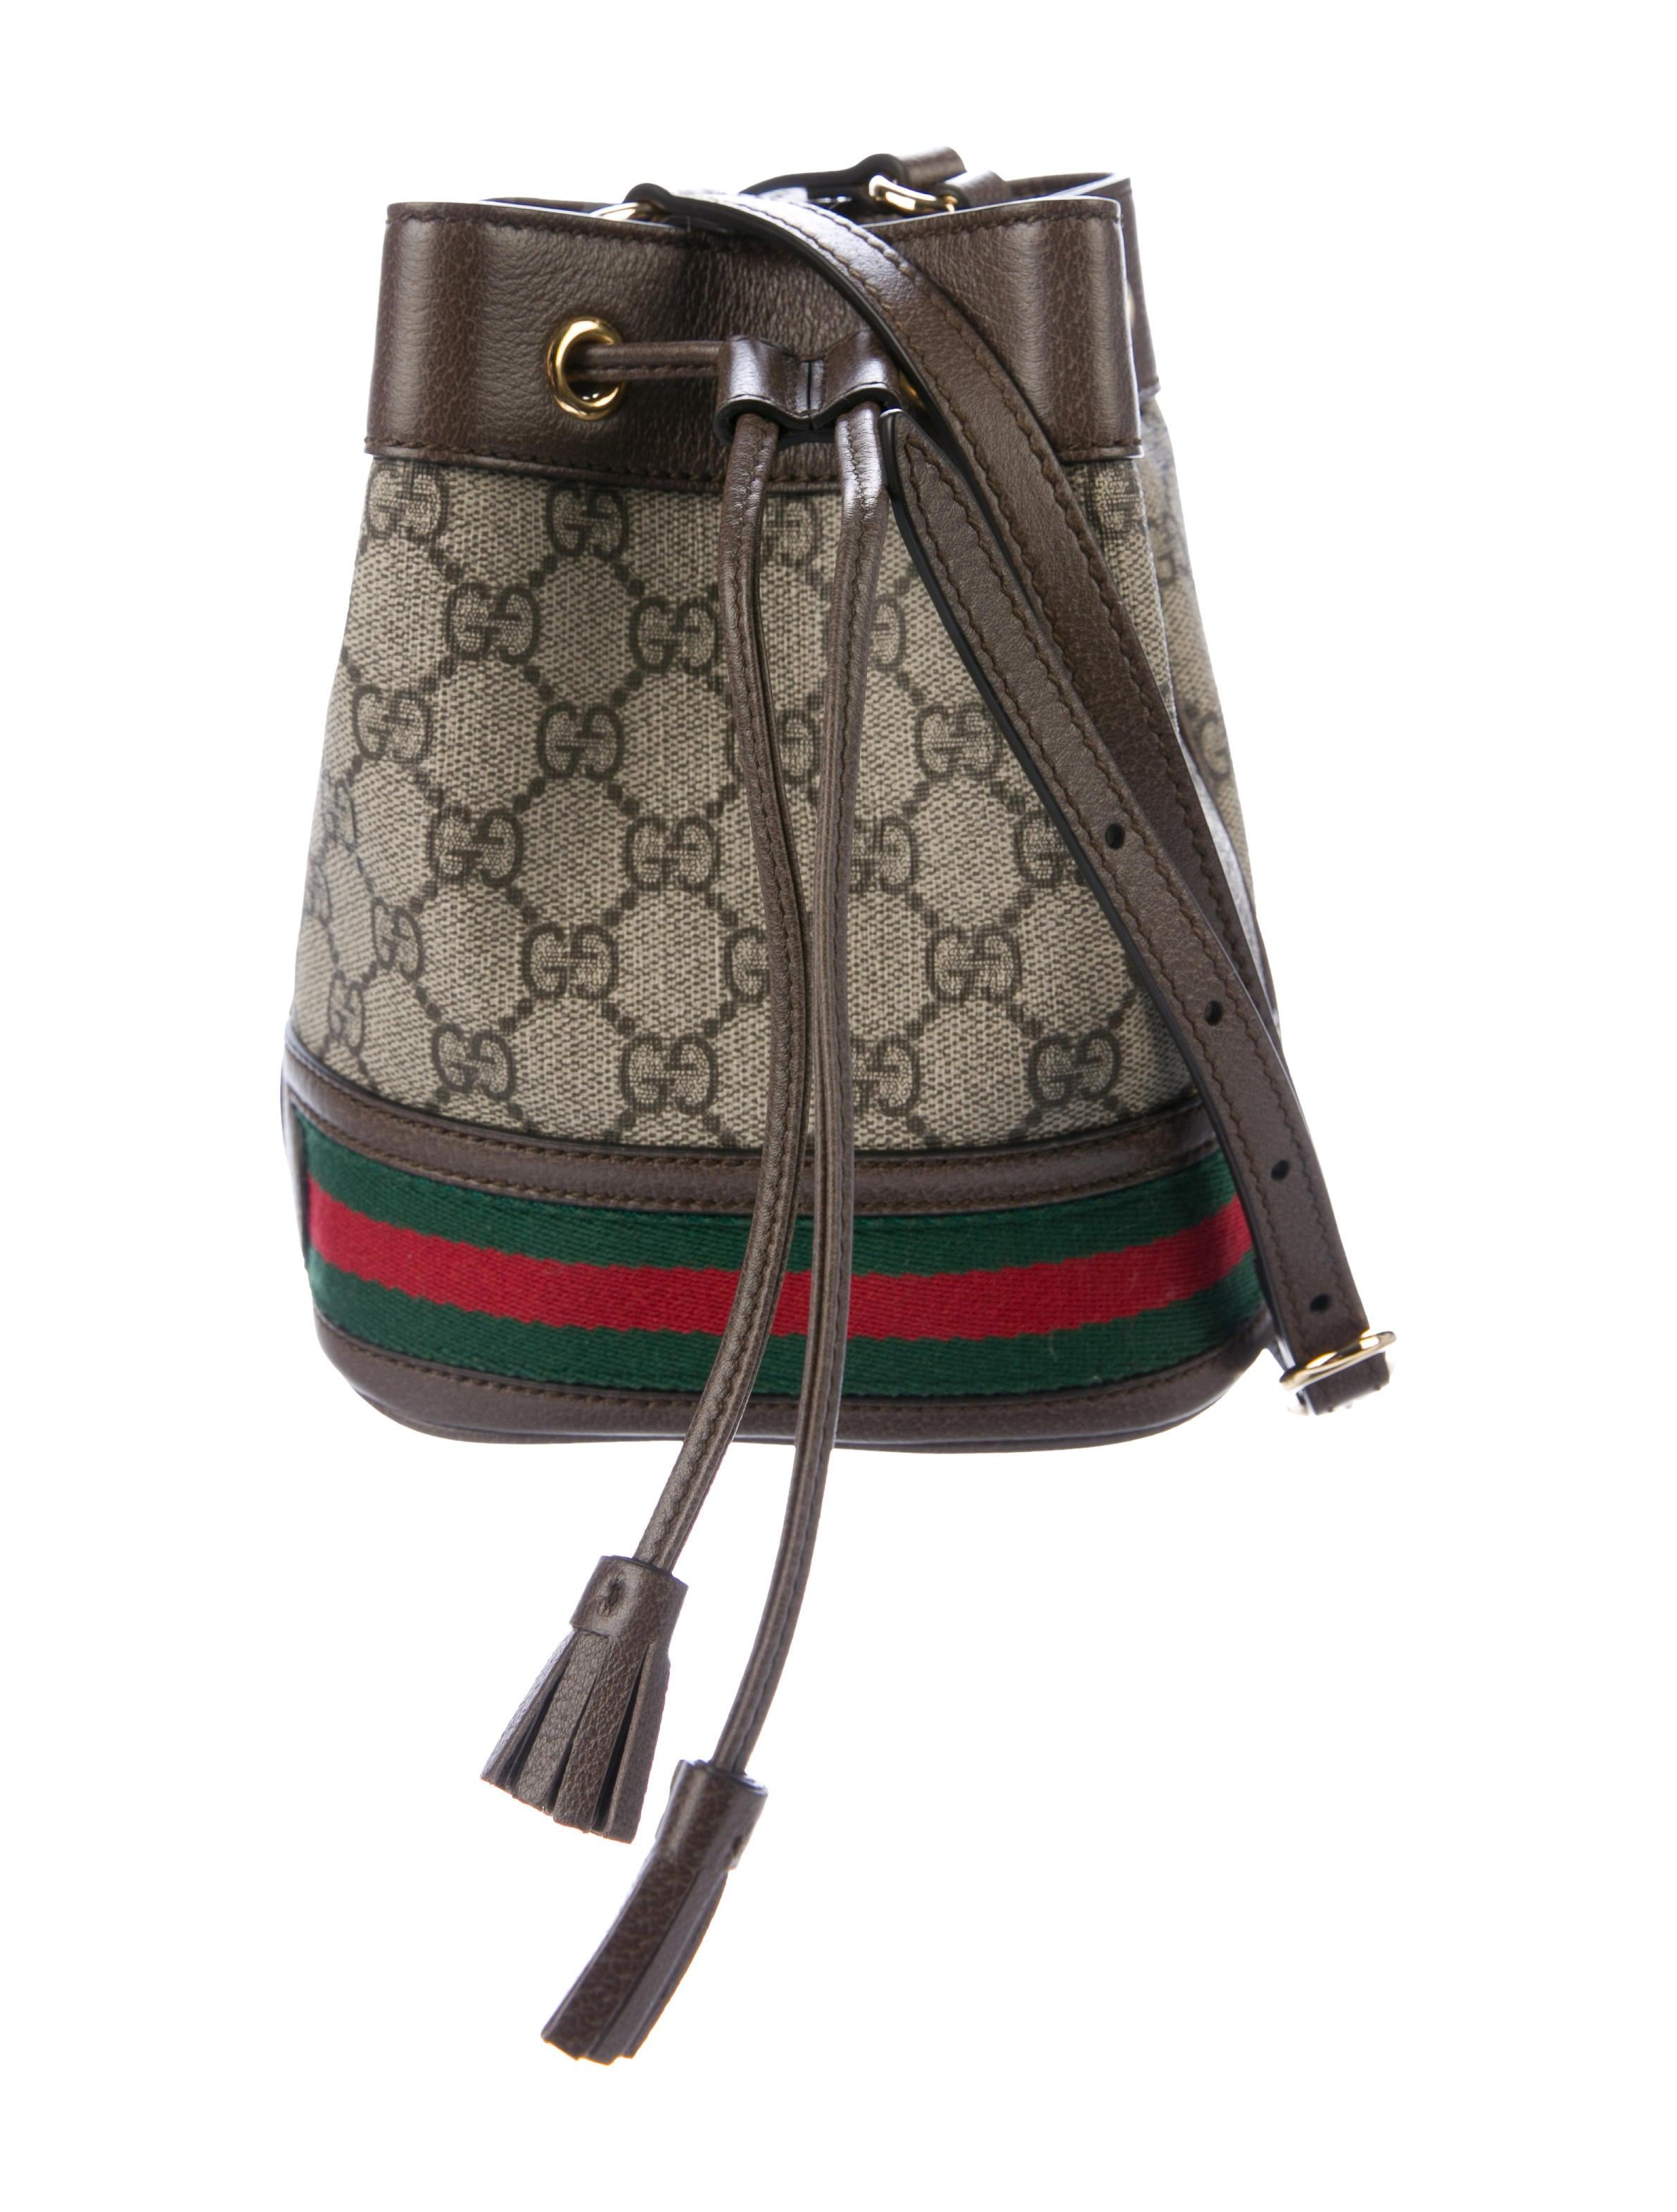 Gucci 2019 Gg Supreme Mini Ophidia Bucket Bag Handbags Guc288574 The Realreal